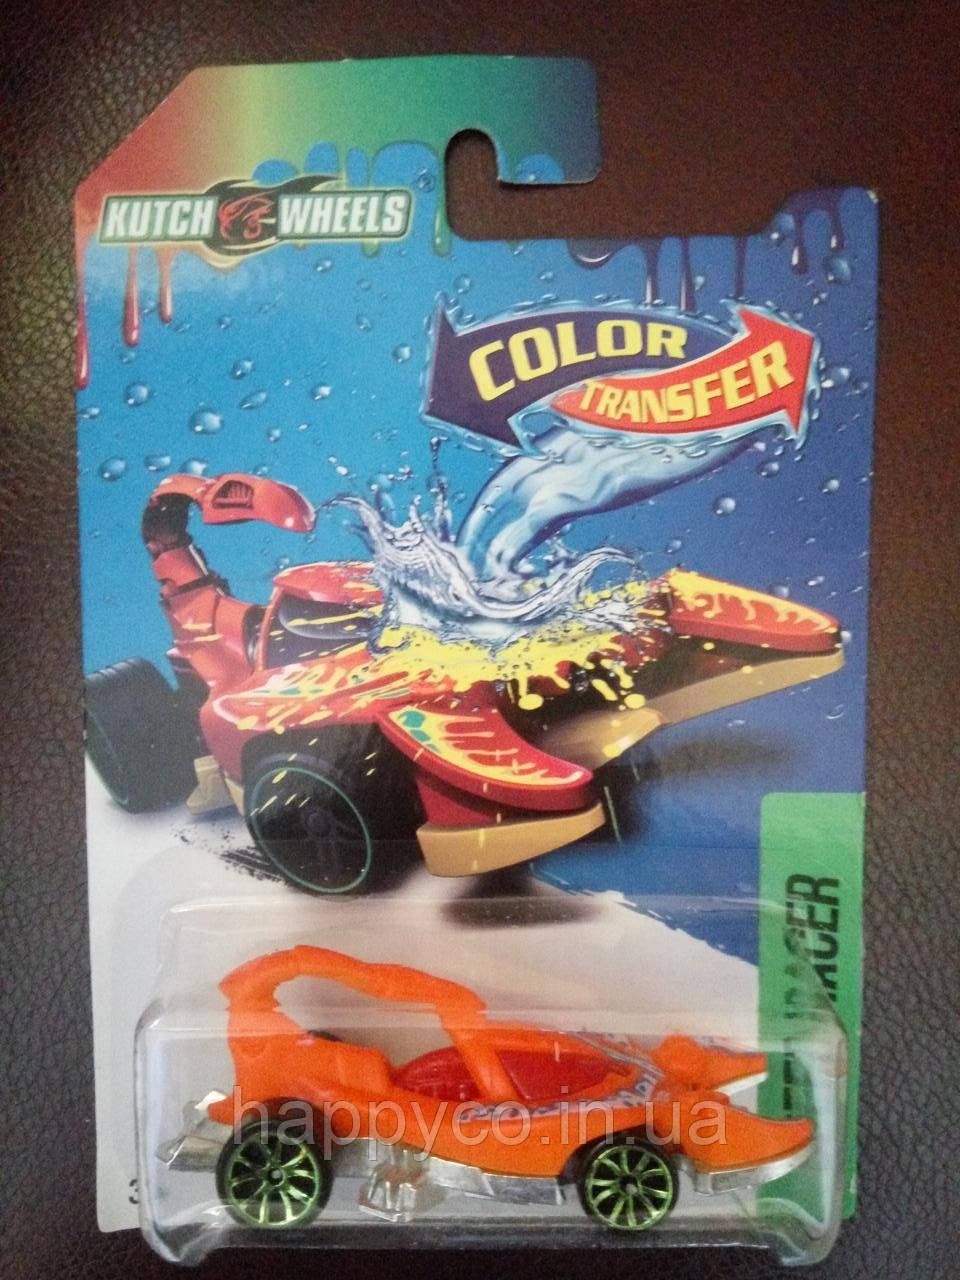 Детская машинка металлопластик  меняет цвет,  скорпион 1шт на листе